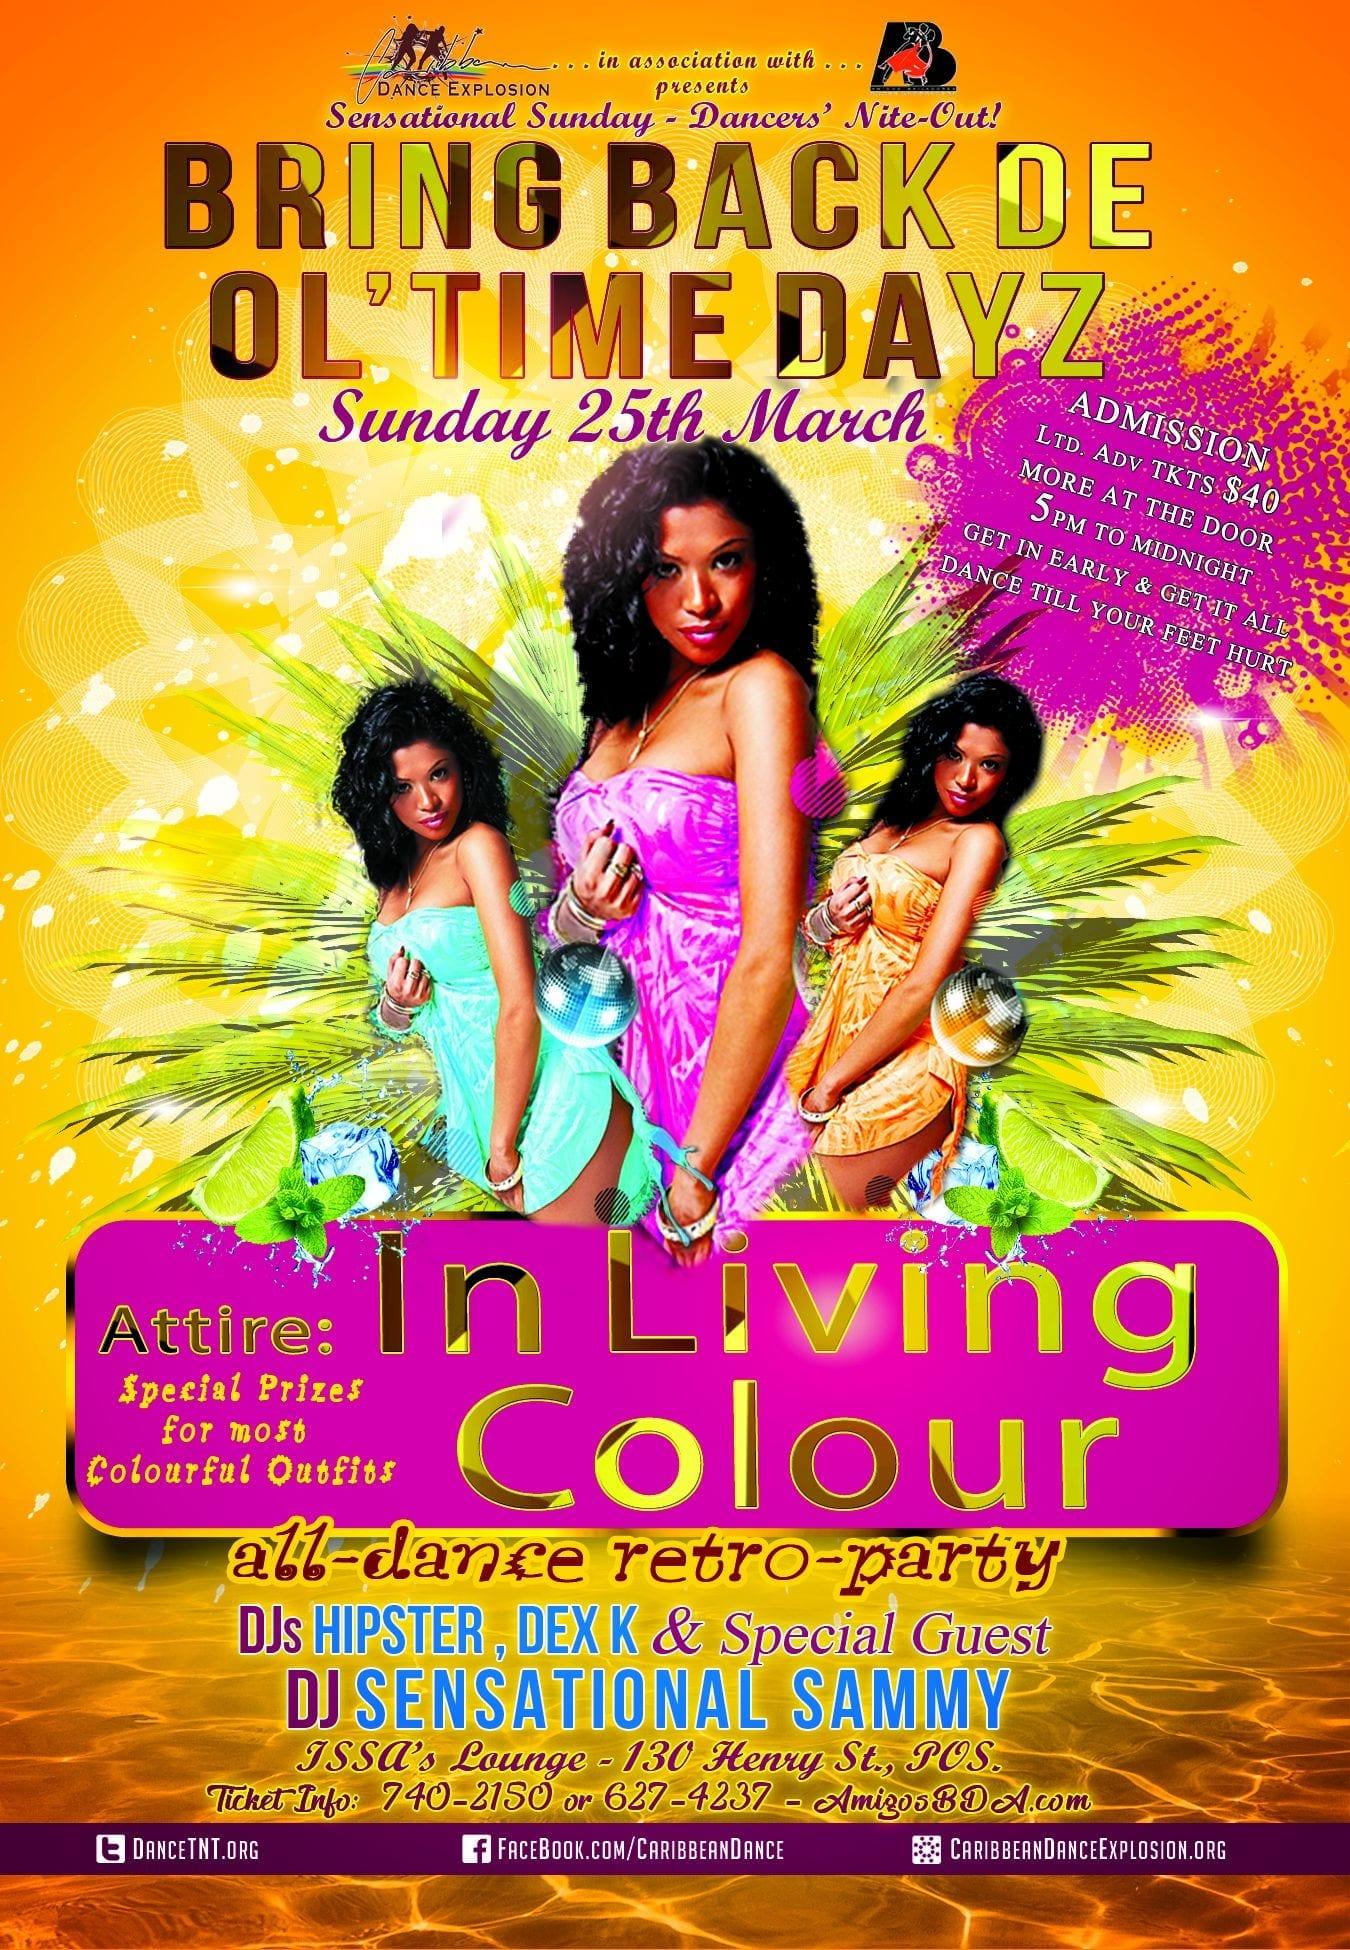 Amigos Bailadores Ballroom and Latin Dance Party Tickets